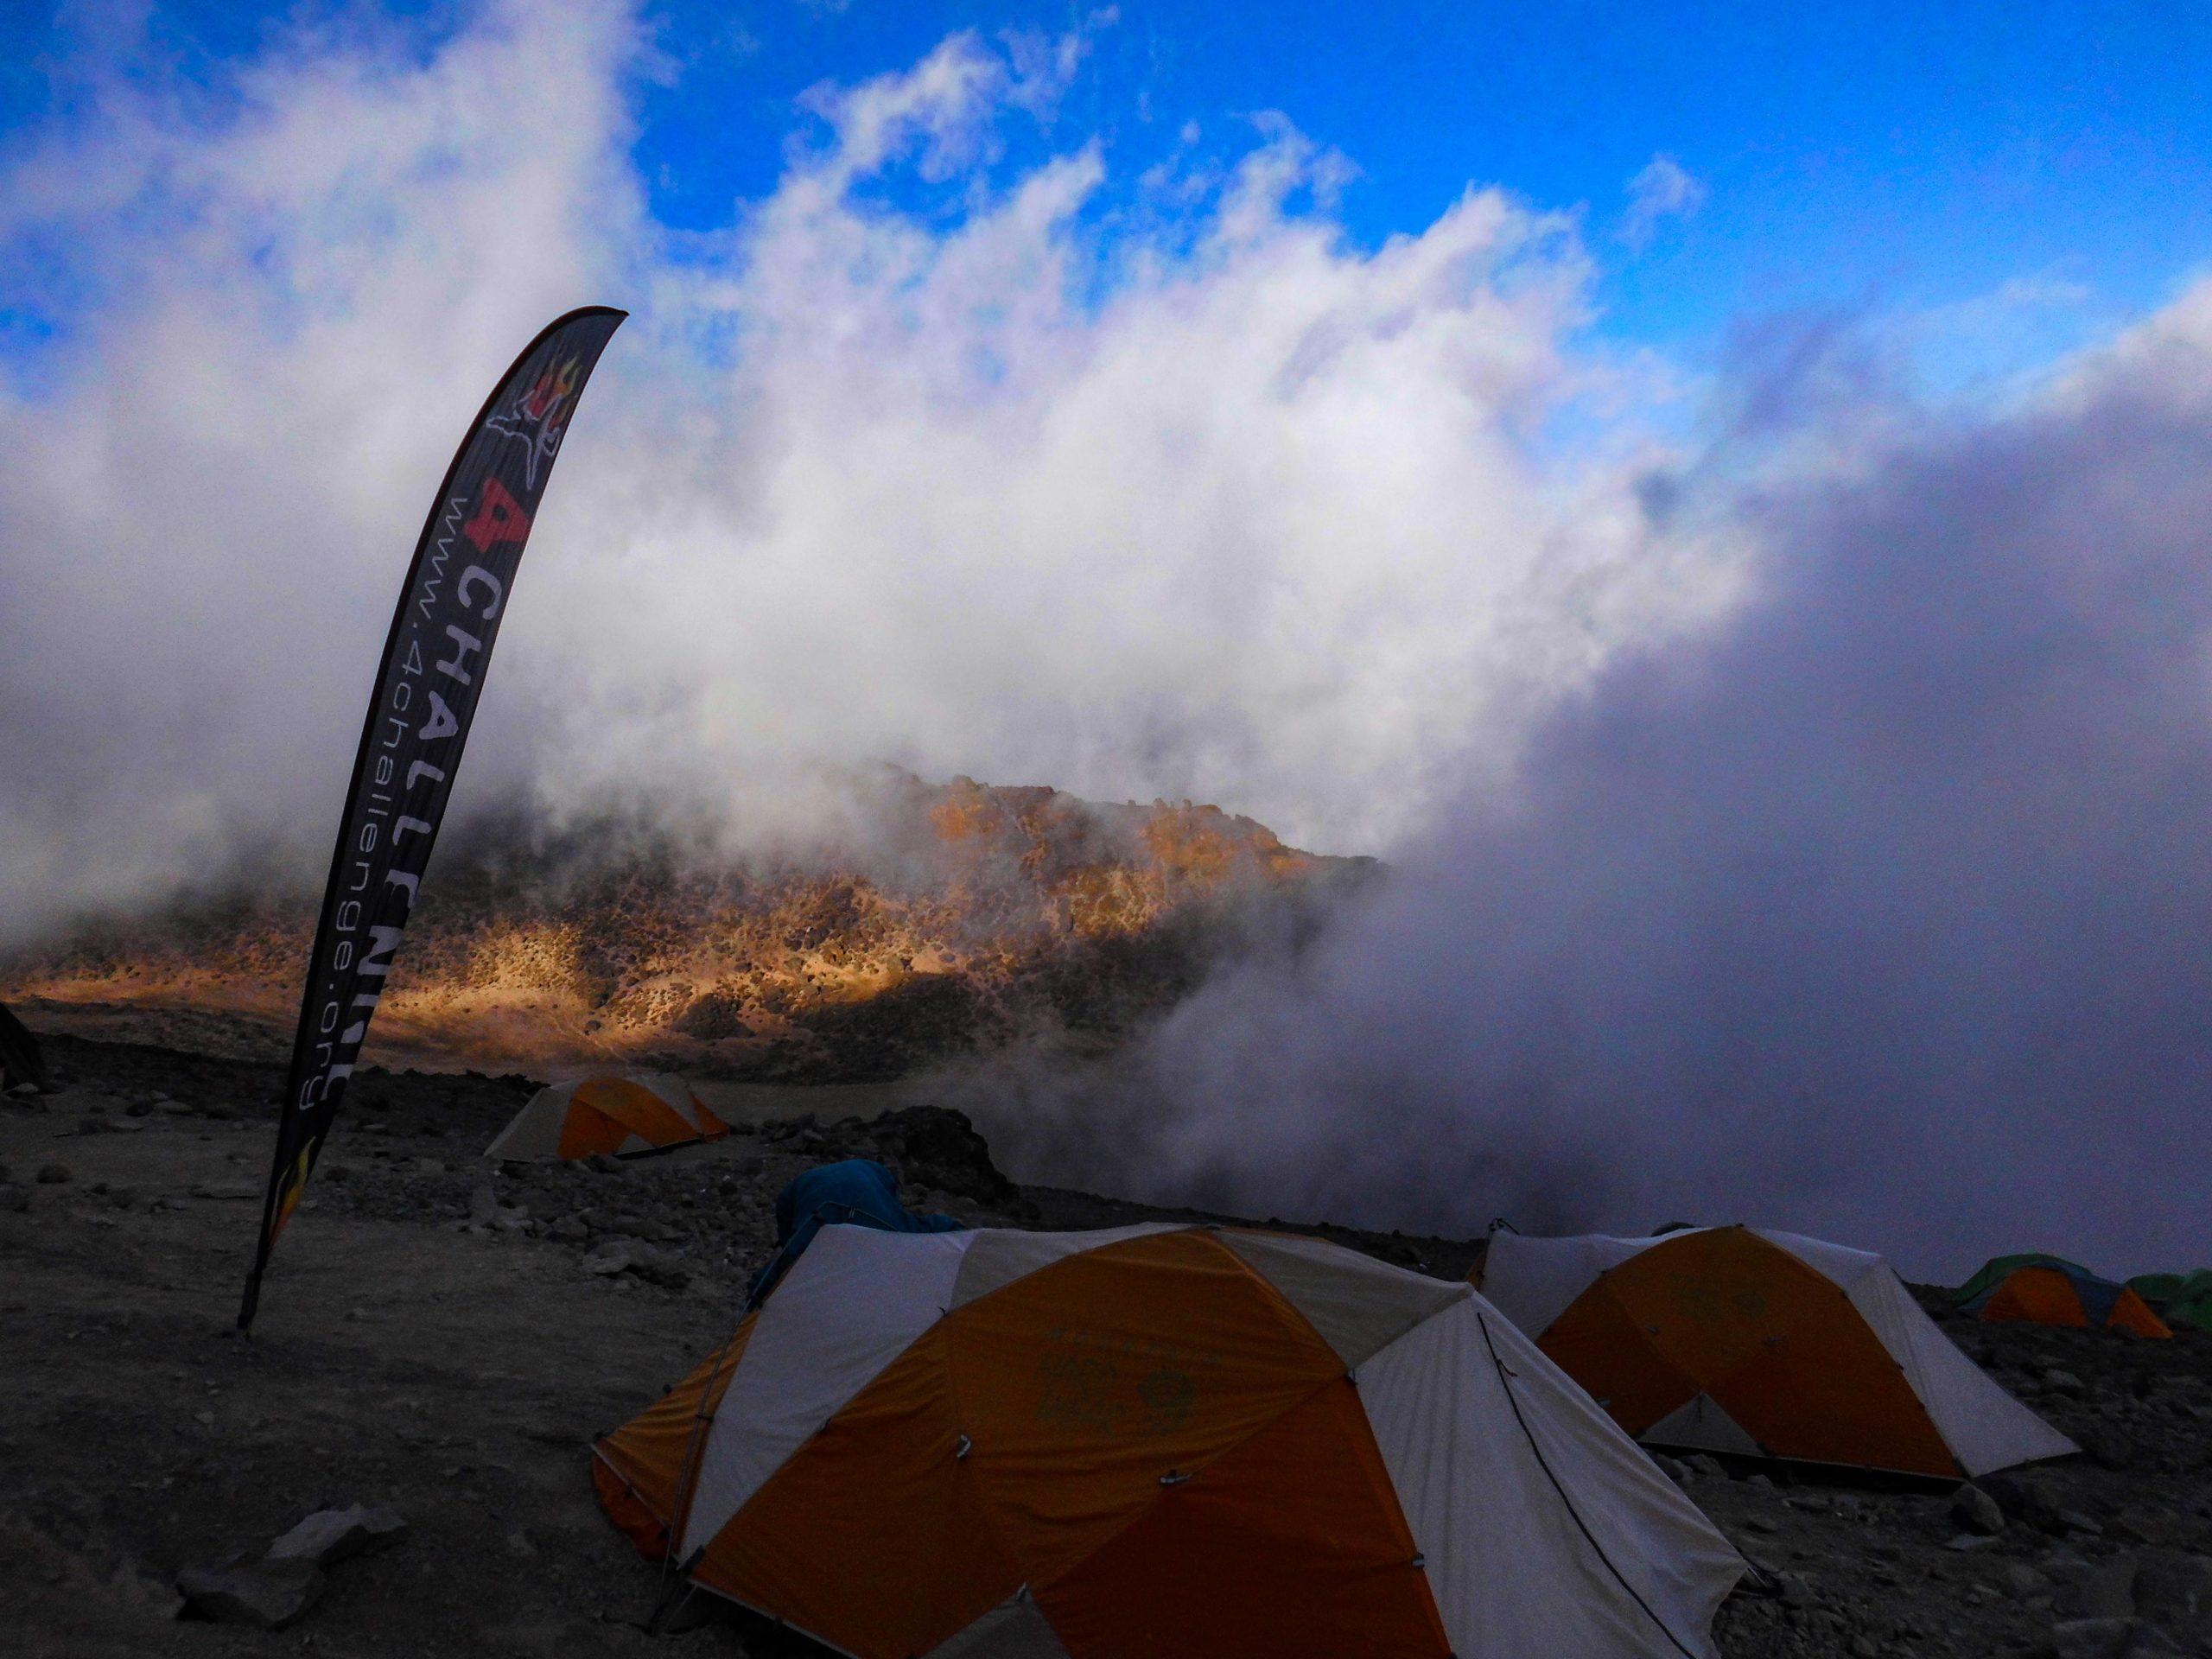 Obóz dosłownie w chmurach, Barranco camp, machame route, Kilimandżaro